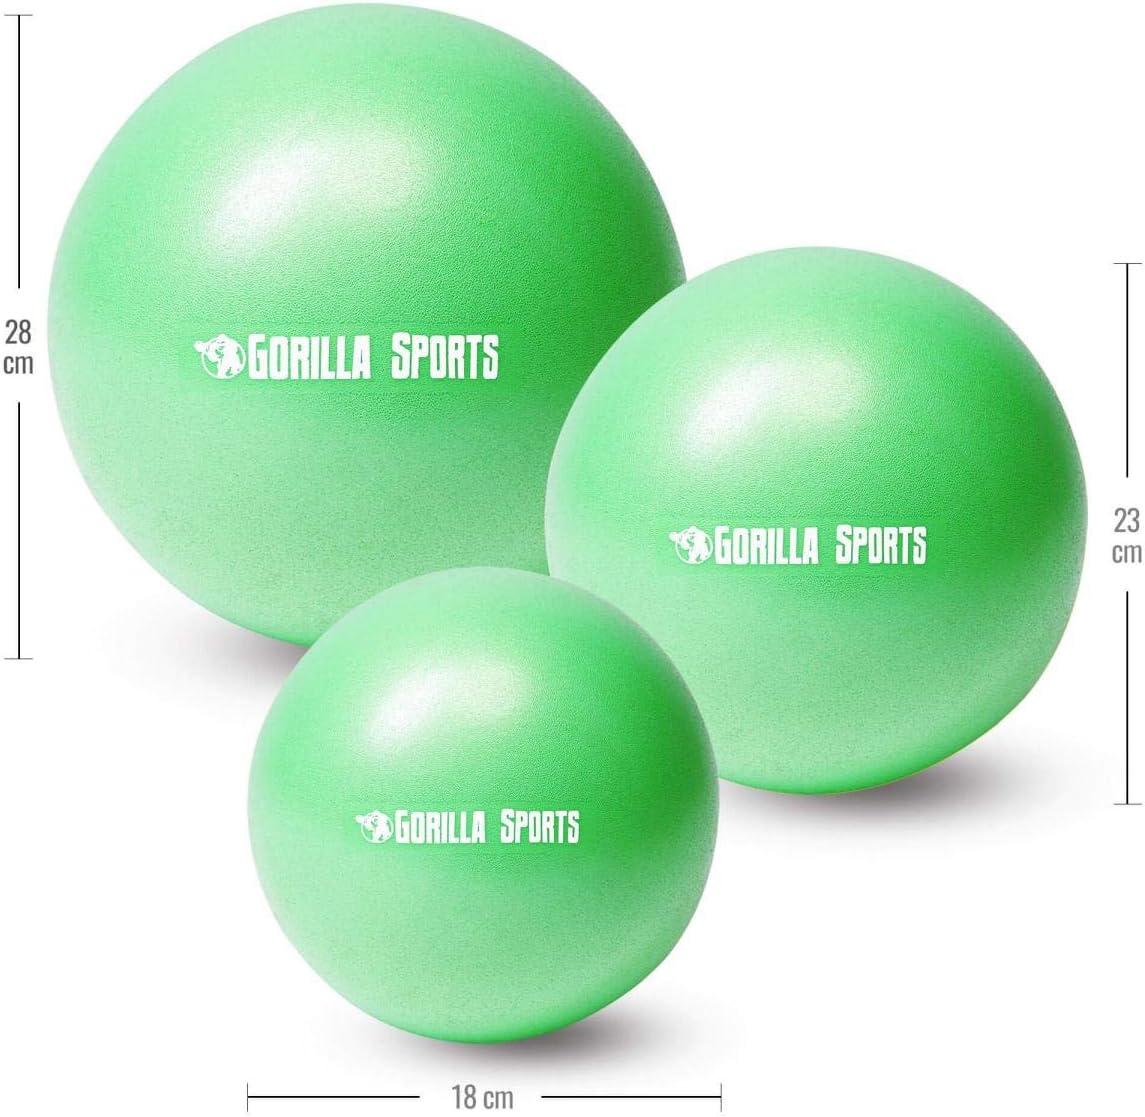 GORILLA SPORTS/® Pilates Ball 18 cm 28 cm rutschfest 23 cm Mini Gymnastikball aus PVC in 3 Gr/ö/ßen und 7 Farben